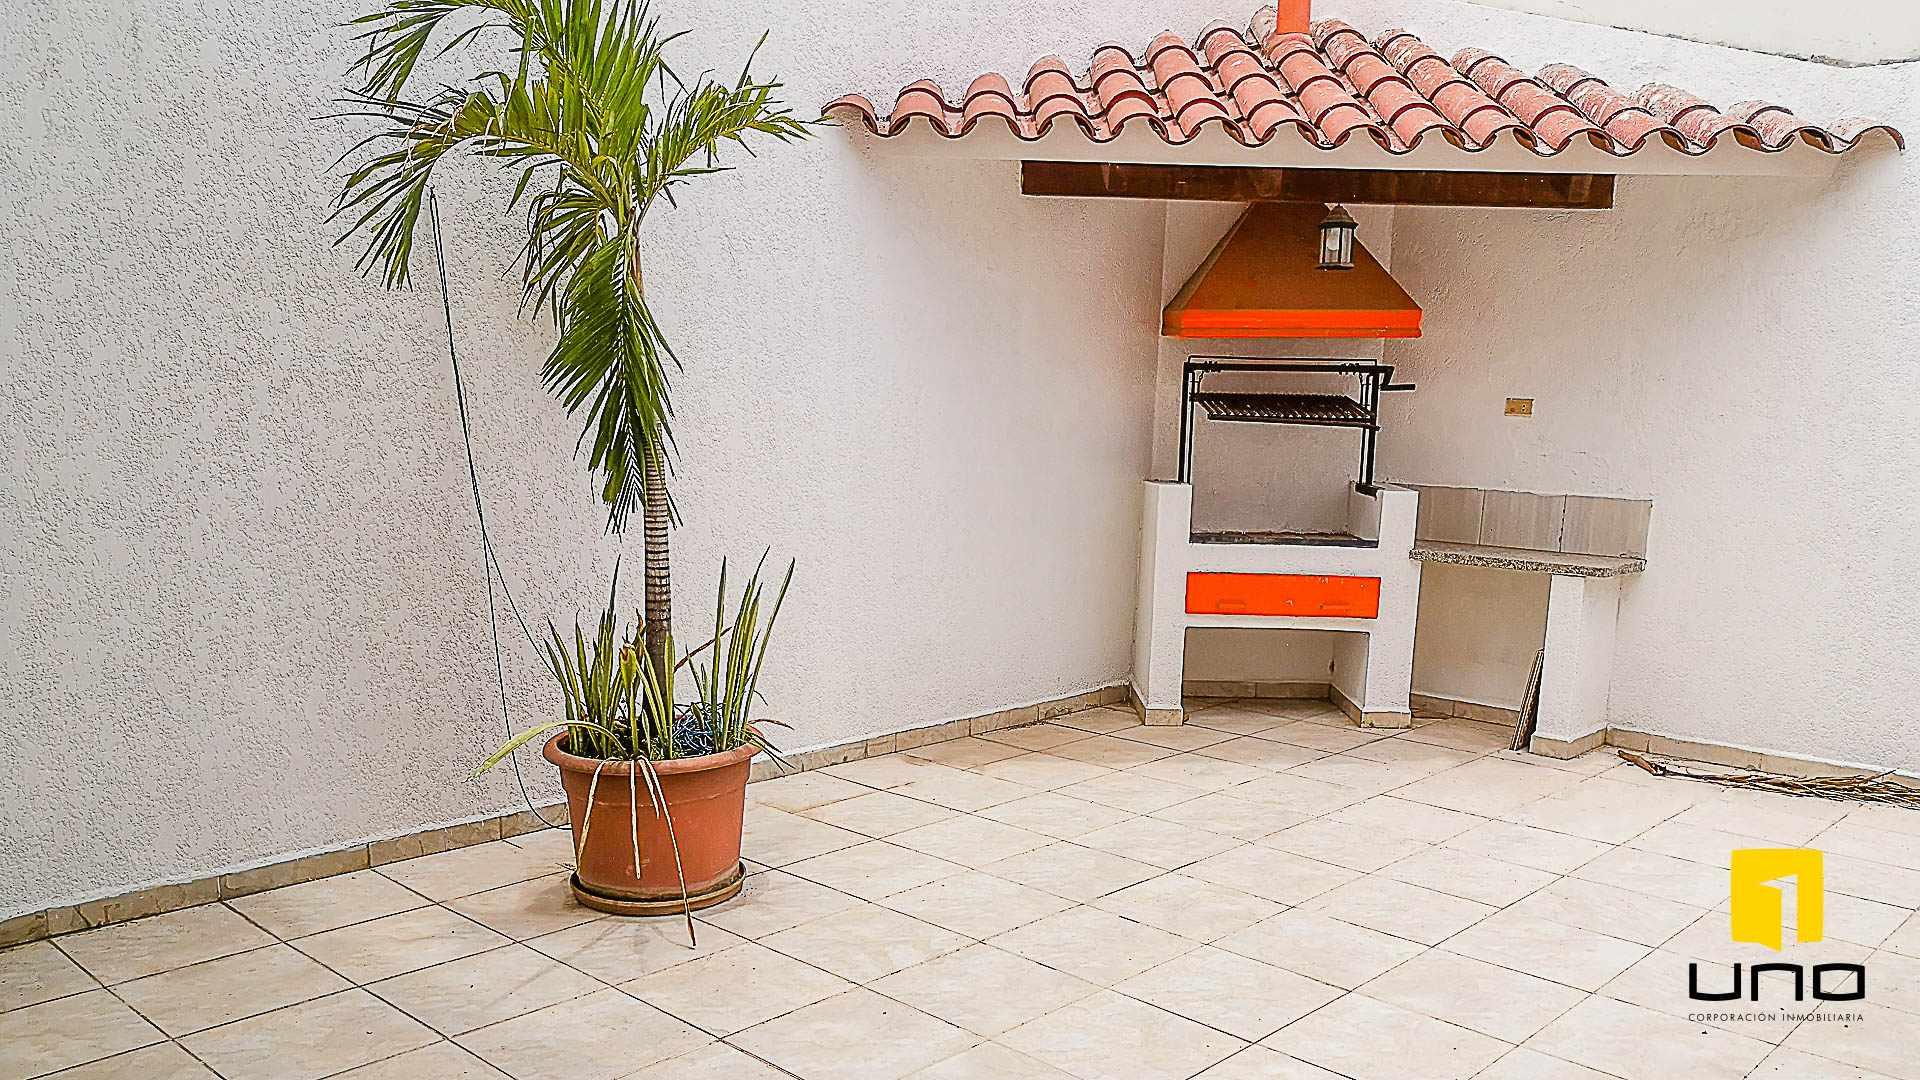 Casa en Venta $us 150.000 VENDO CASA AV ALEMANA DENTRO 3ER ANILLO TIPO DUPLEX Foto 10